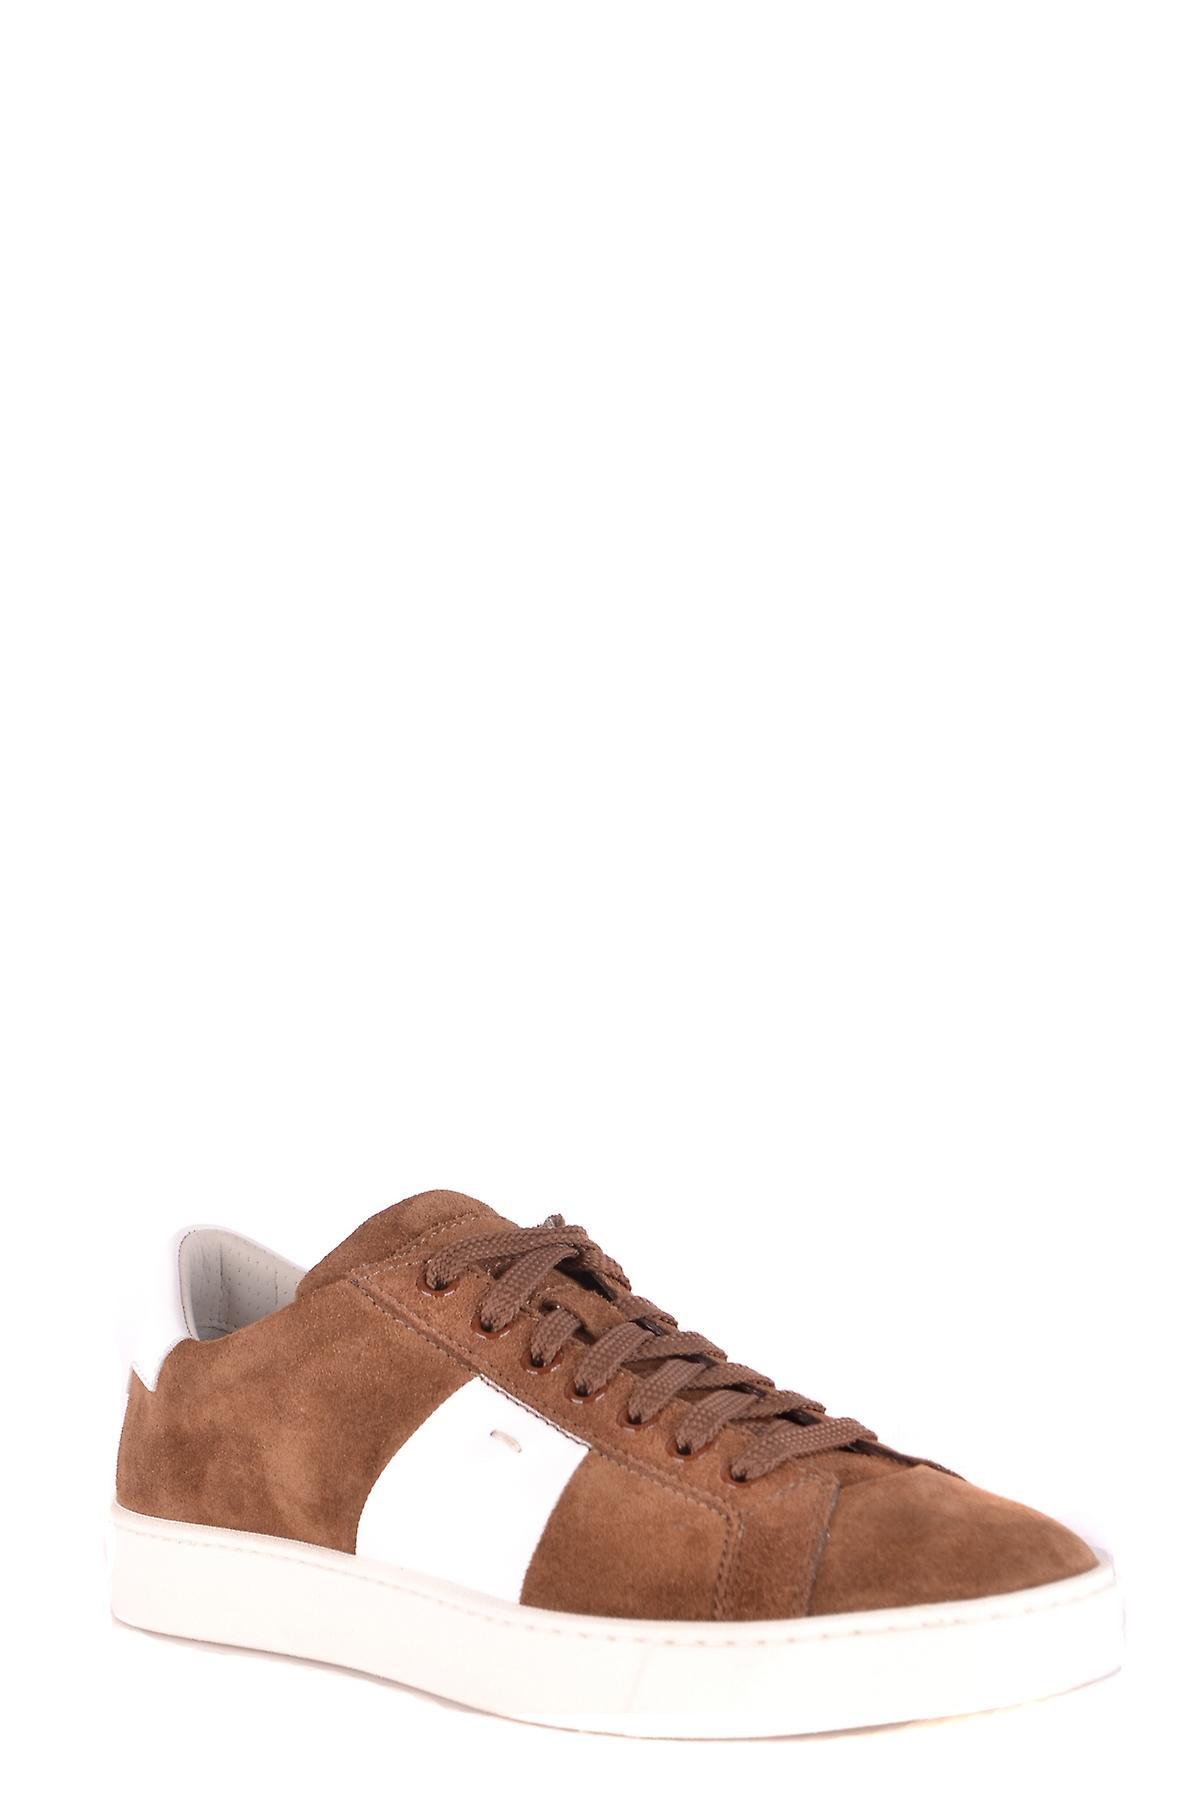 Santoni braun Wildleder Sneakers